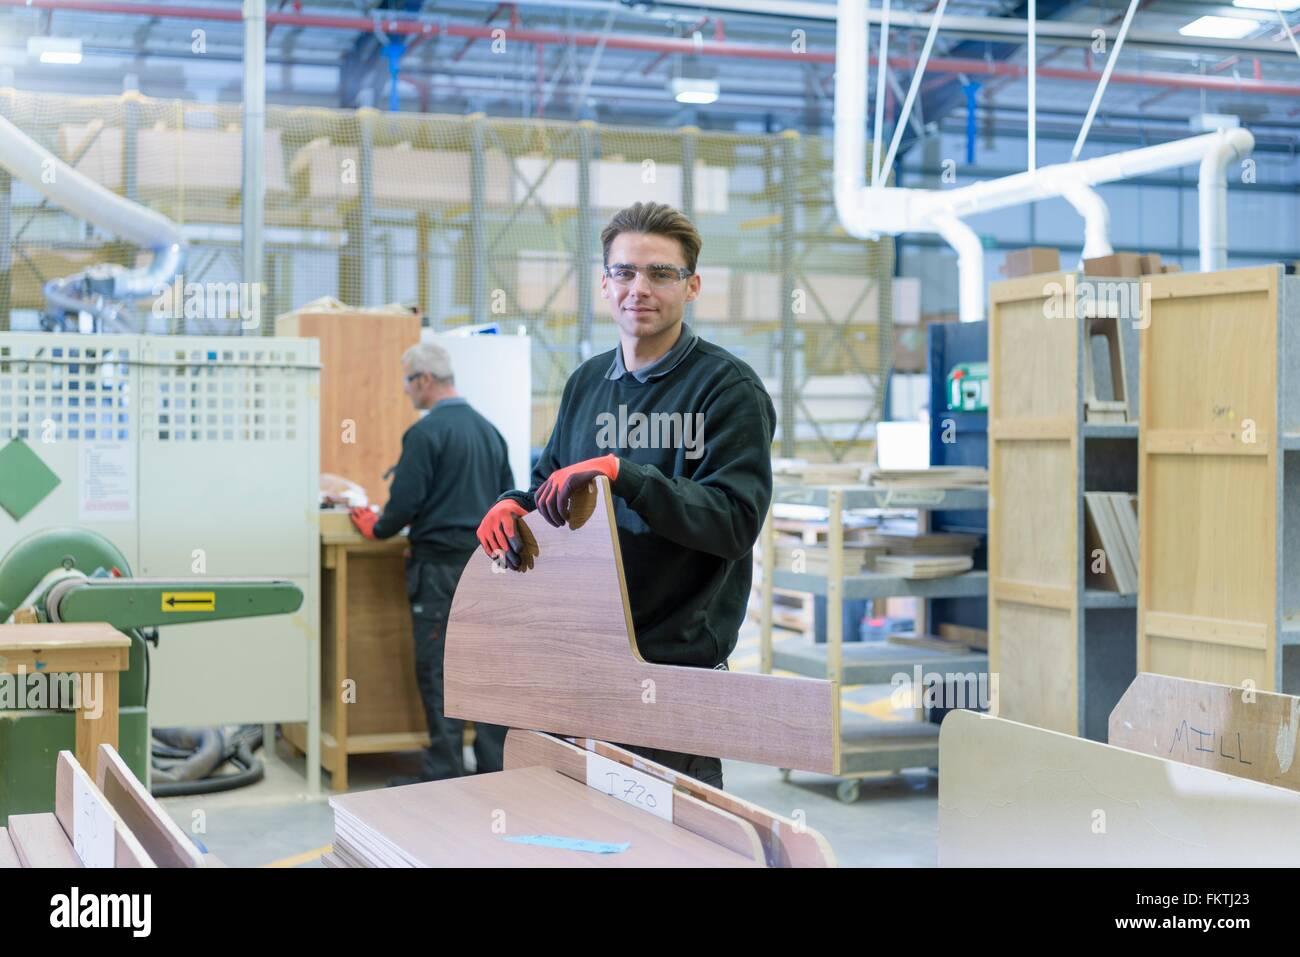 Porträt-Arbeiter auf Wohnmobil-Produktionslinie Stockbild